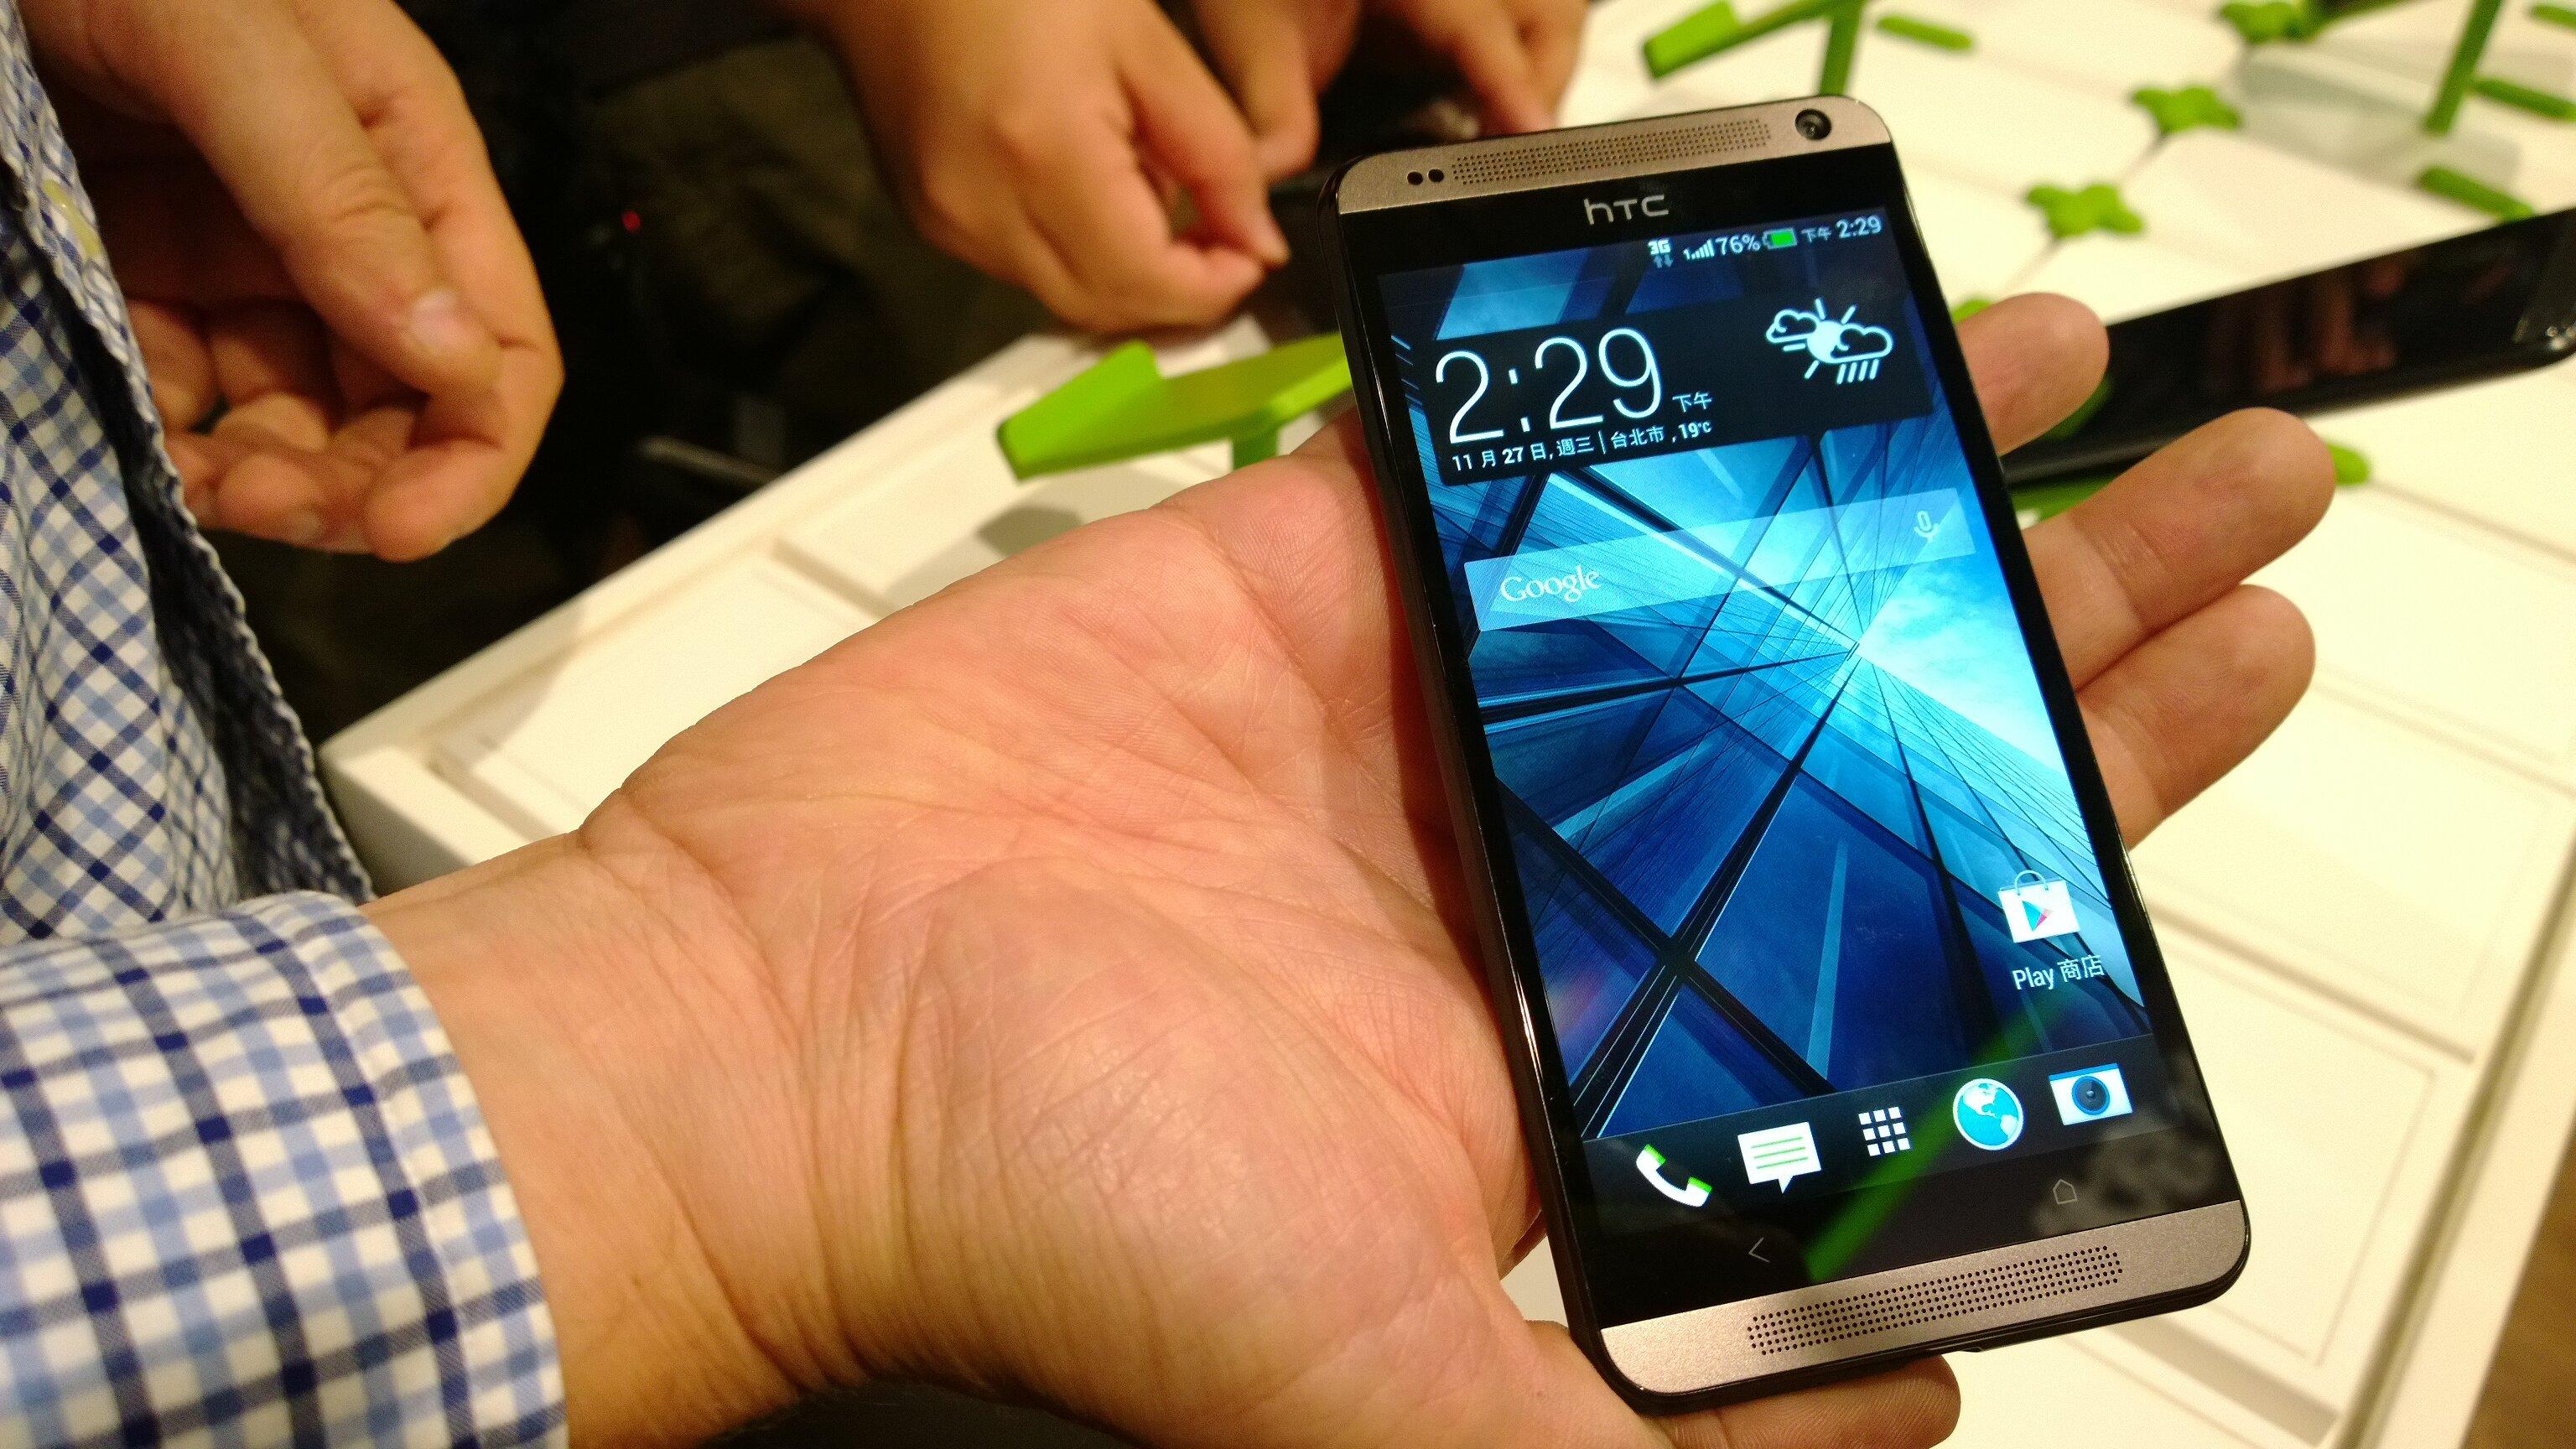 So sánh điện thoại Sony Xperia M4 Aqua và HTC Desire 700